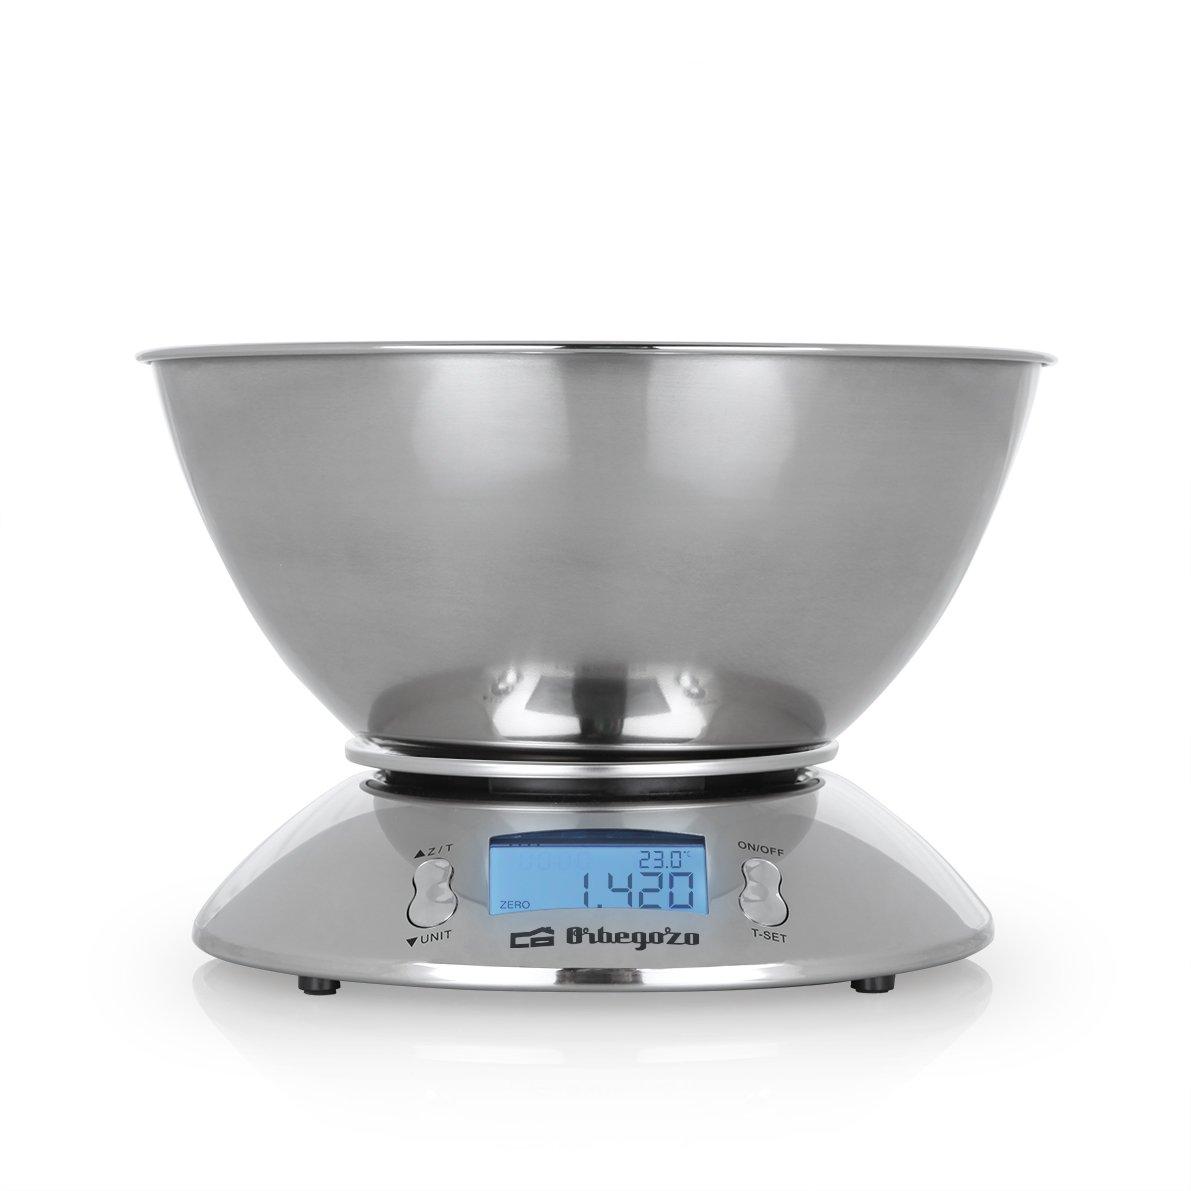 Orbegozo PC 2011 2011-Peso de Cocina electrónico, Acero Inoxidable: Amazon.es: Hogar